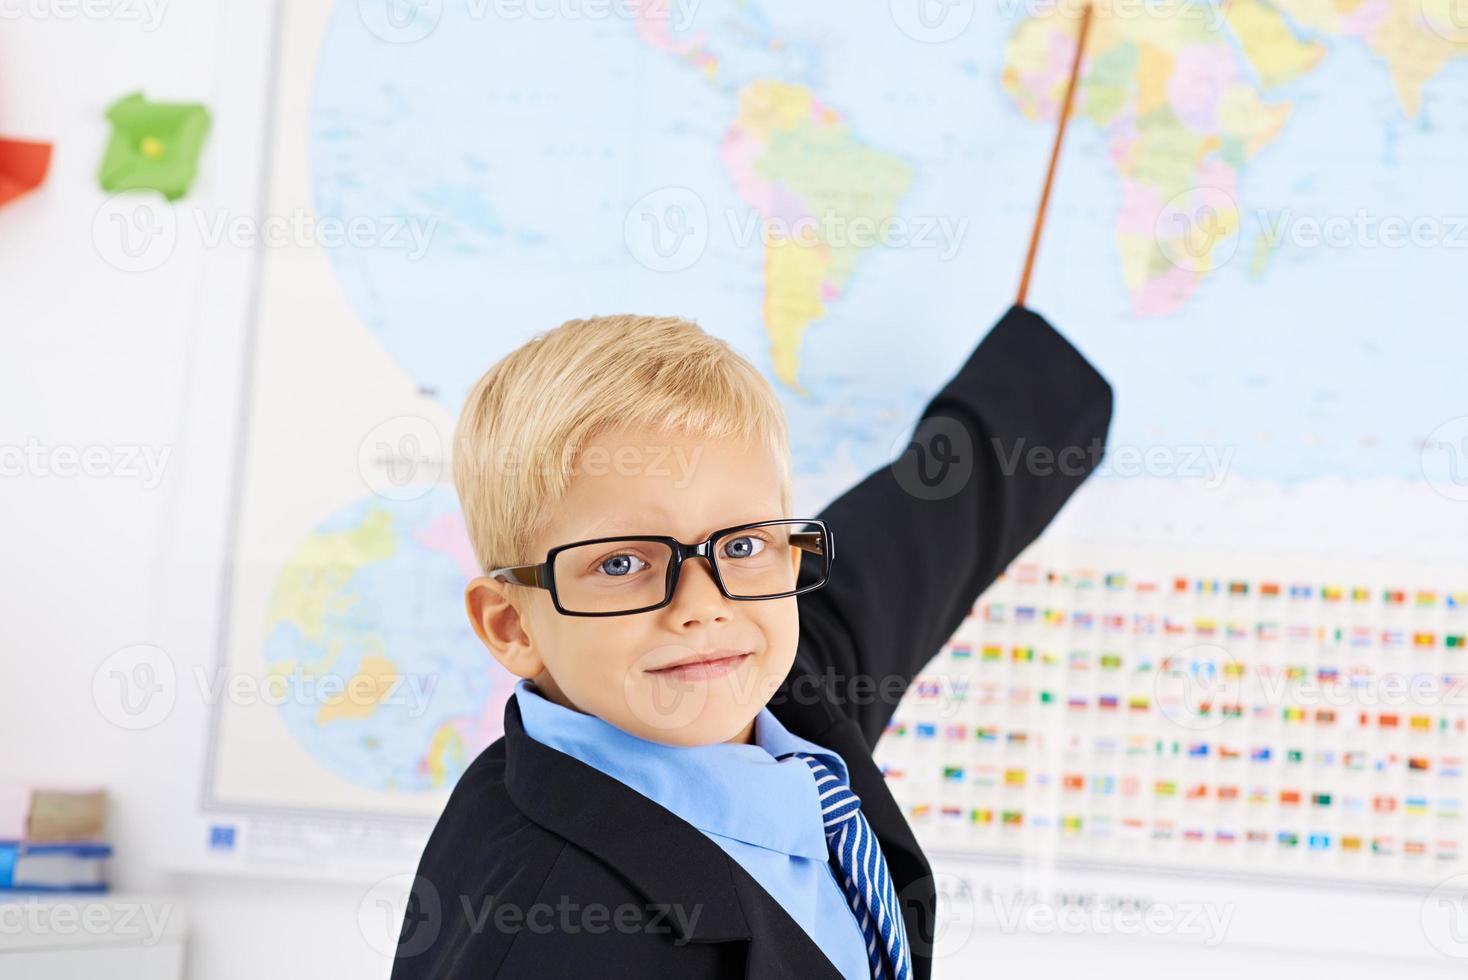 kleine leraar aardrijkskunde foto